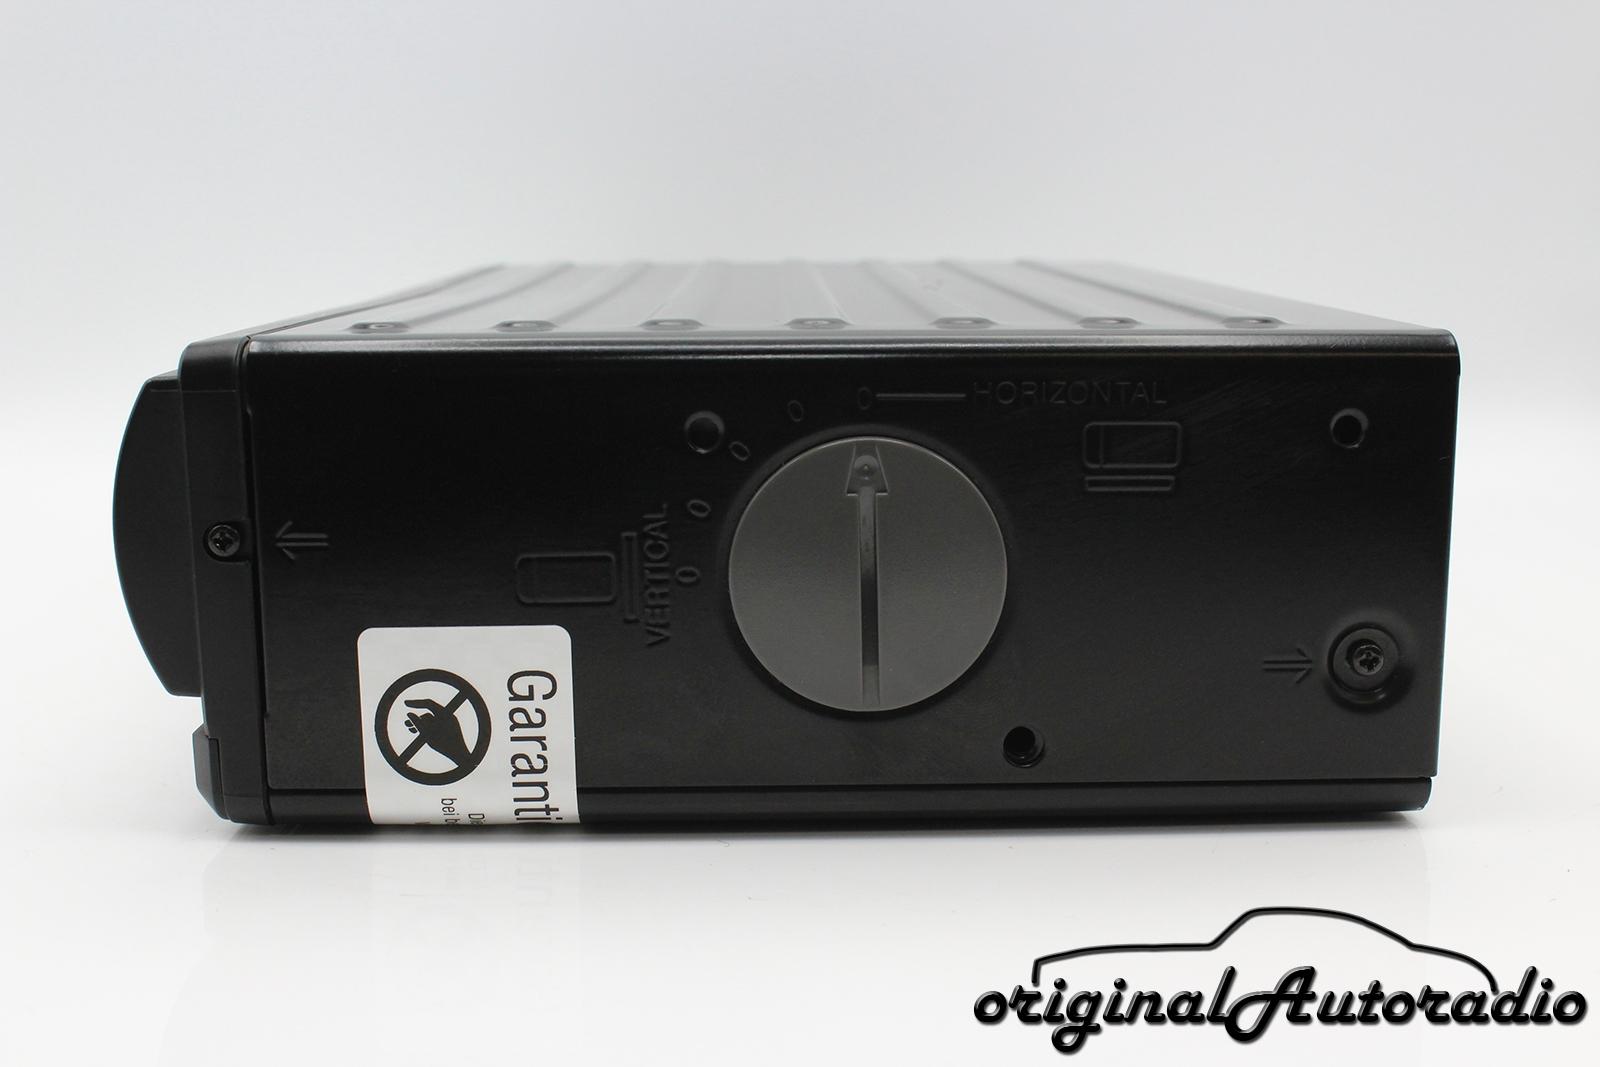 original becker silverstone 6 disc changer. Black Bedroom Furniture Sets. Home Design Ideas